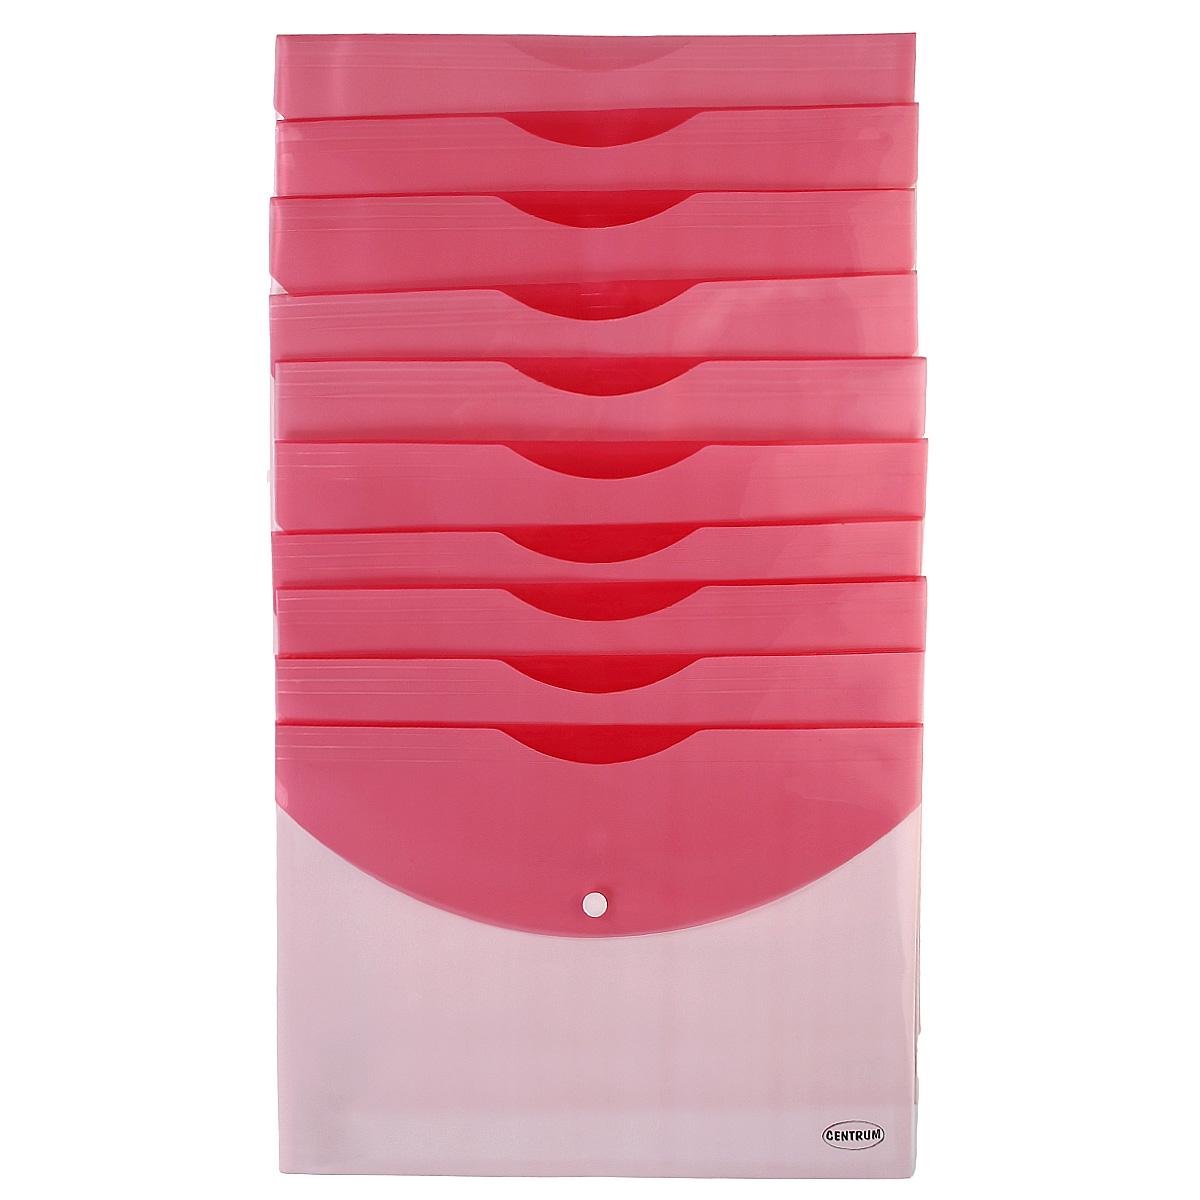 Папка-конверт на кнопке Centrum, цвет: розовый. Формат А4, 10 шт83625_розовыйПапка-конверт Centrum - это удобный и функциональный офисный инструмент, предназначенный для хранения и транспортировки рабочих бумаг и документов формата А4. Папка изготовлена из полупрозрачного глянцевого пластика двух цветов, закрывается на практичную крышку с кнопкой. В комплект входят 10 папок формата A4. Папка-конверт - это незаменимый атрибут для студента, школьника, офисного работника. Такая папка надежно сохранит ваши документы и сбережет их от повреждений, пыли и влаги.